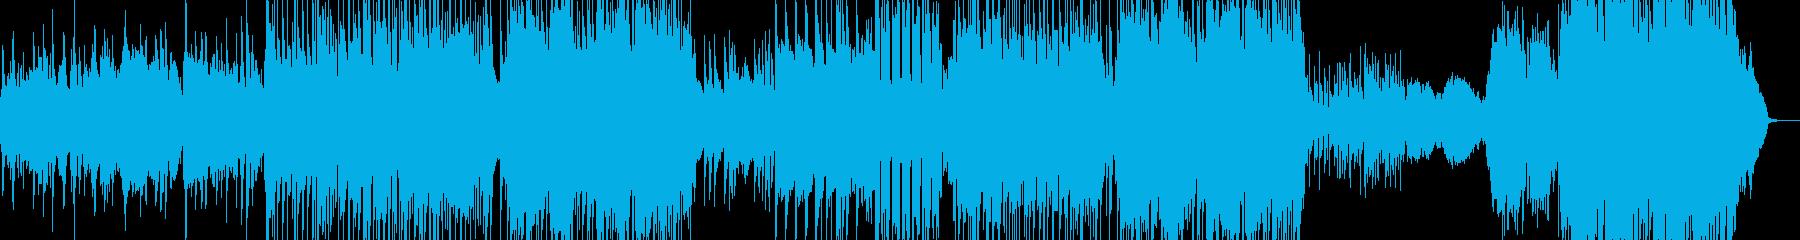 サックス・J-Pop風バラード L+の再生済みの波形